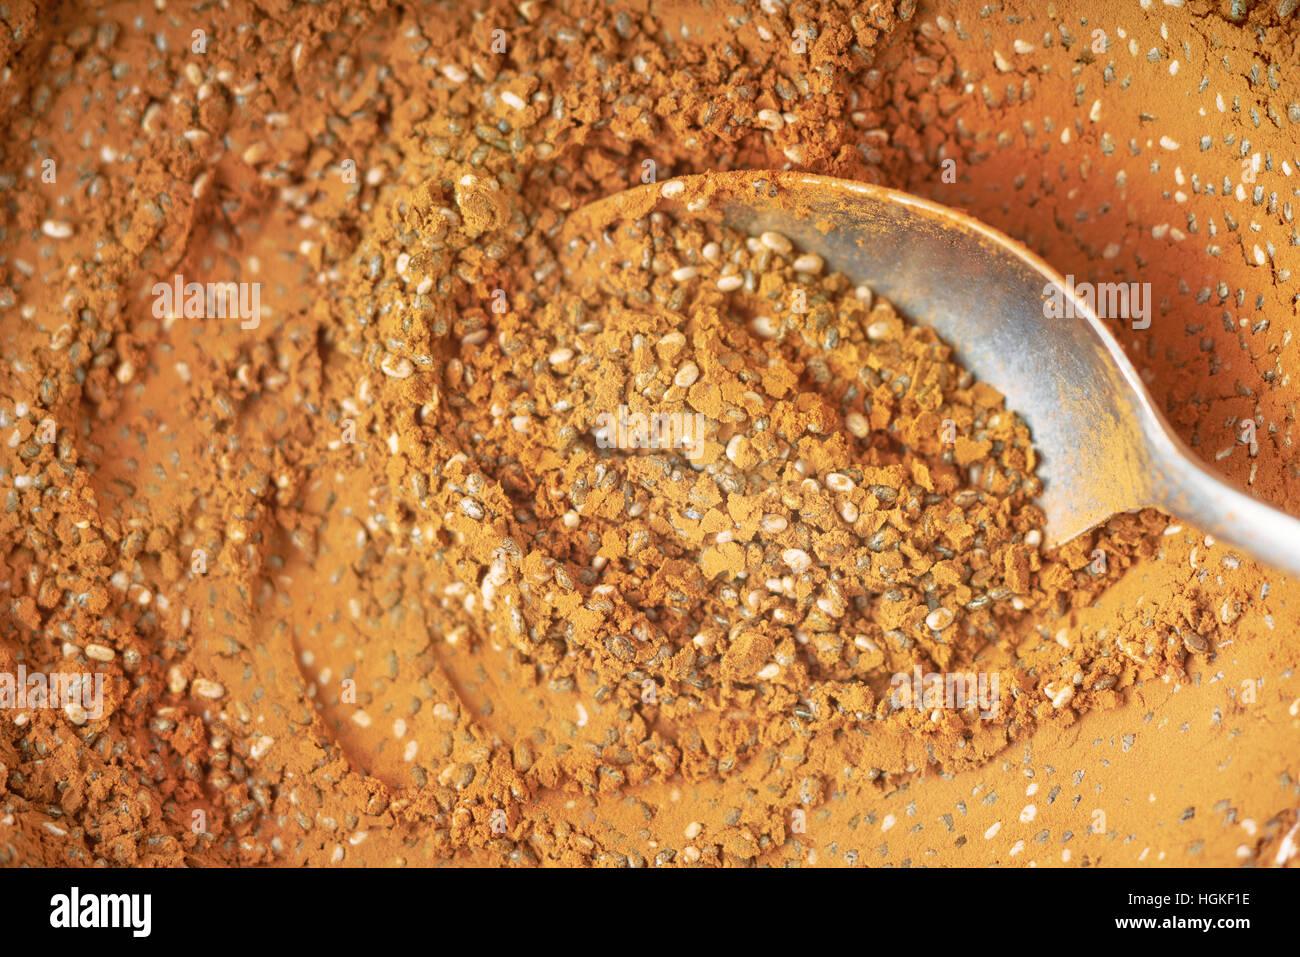 Cacao en polvo y semillas de chia mezclar con una cuchara de cerca de fondo Imagen De Stock